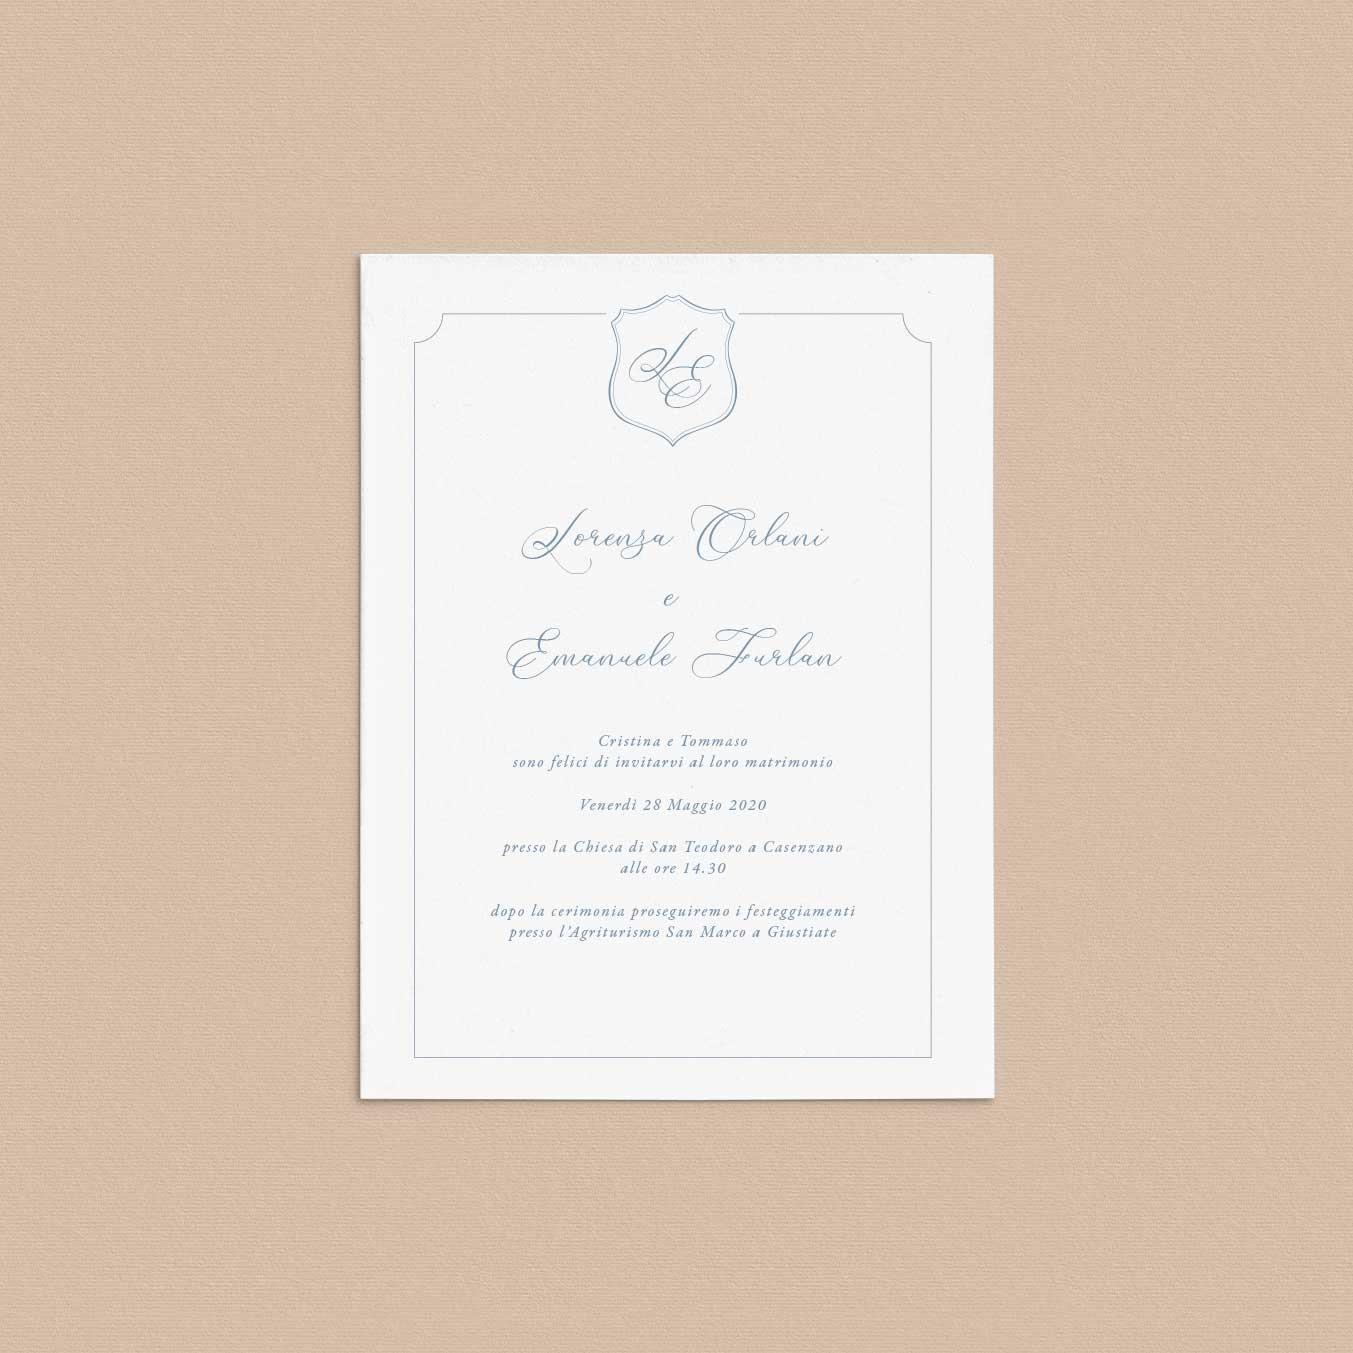 Partecipazioni-inviti-eleganti-matrimonio-wedding-invitation-2020-elegante-raffinato-crest-monogramma-monogram